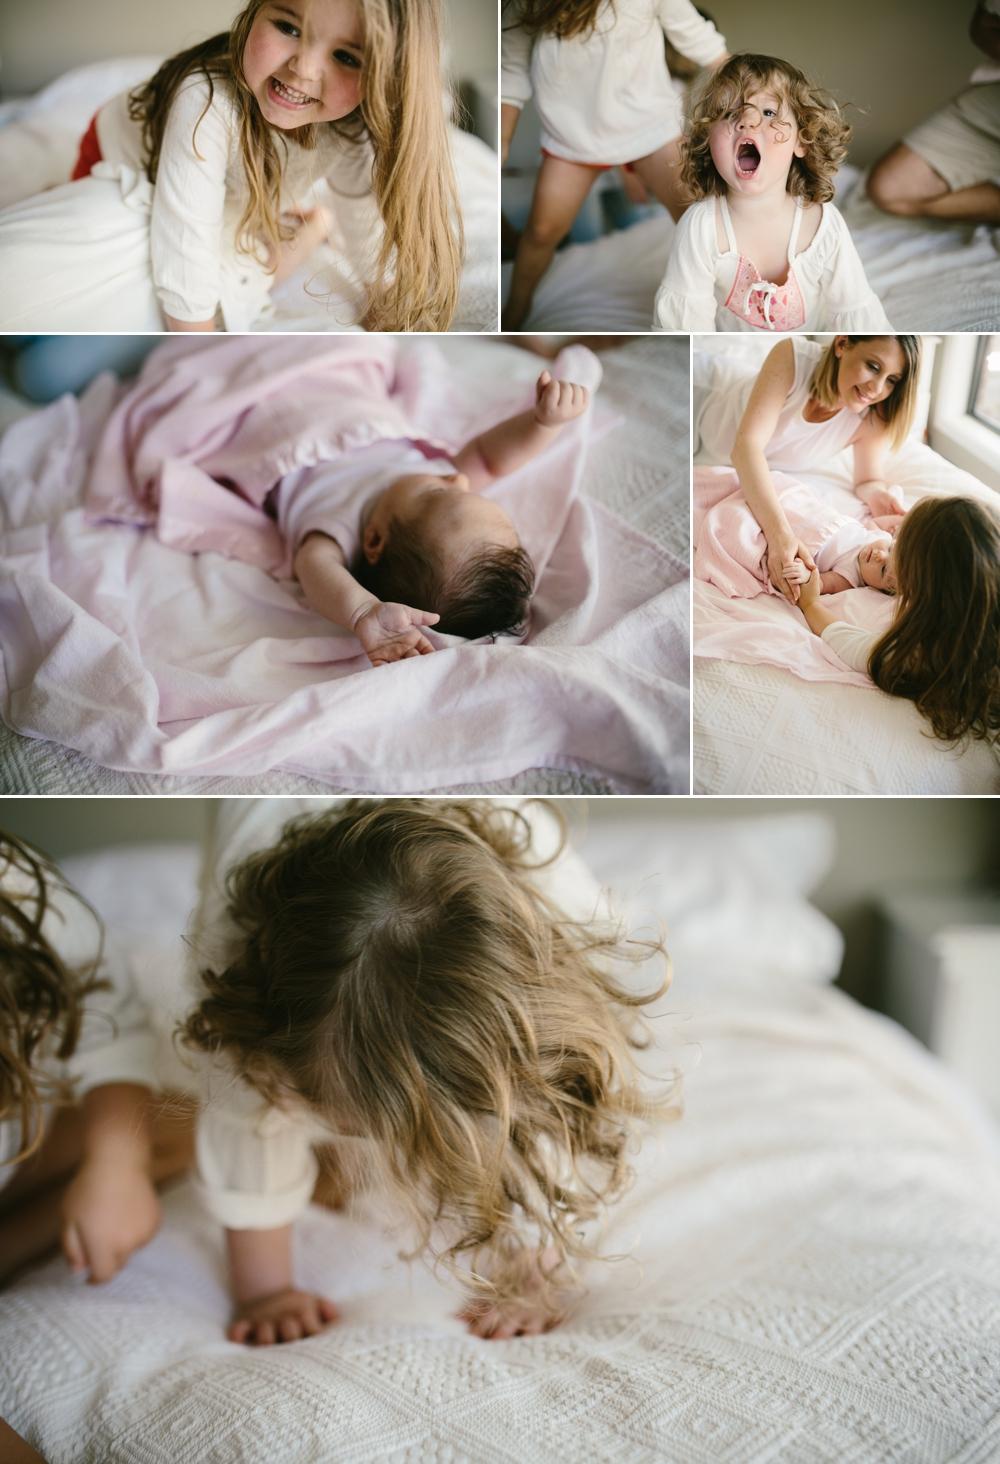 Kingscliff family photographer